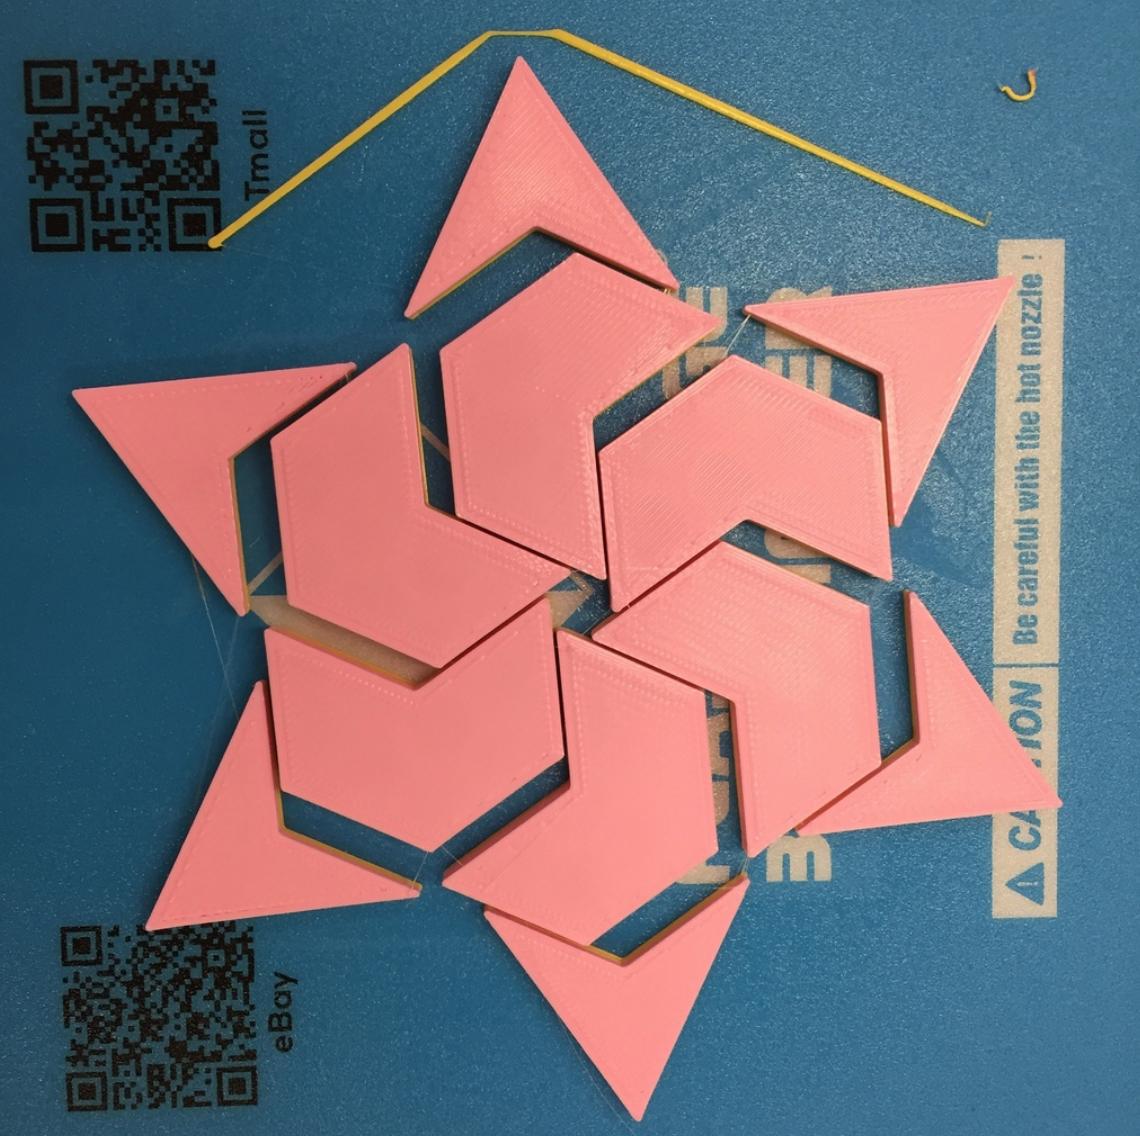 Capture d'écran 2017-12-26 à 15.10.17.png Download free STL file Hexagram, Hexagonal Star, Hexagon Puzzle • 3D printing model, LGBU